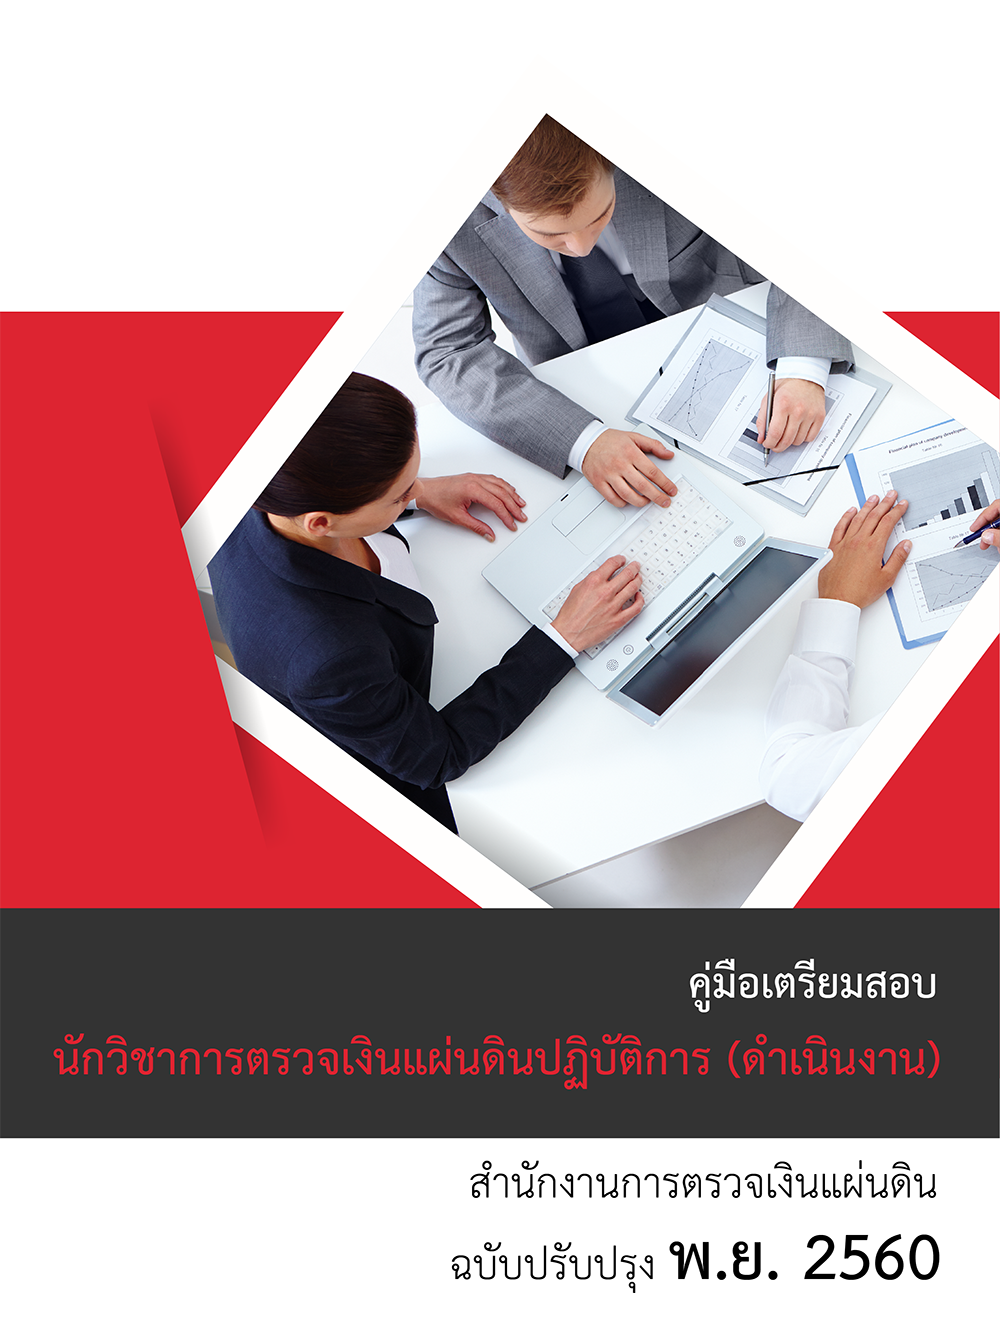 แนวข้อสอบ นักวิชาการตรวจเงินแผ่นดินปฏิบัติการ (ดำเนินงาน) สำนักงานการตรวจเงินแผ่นดิน สตง.